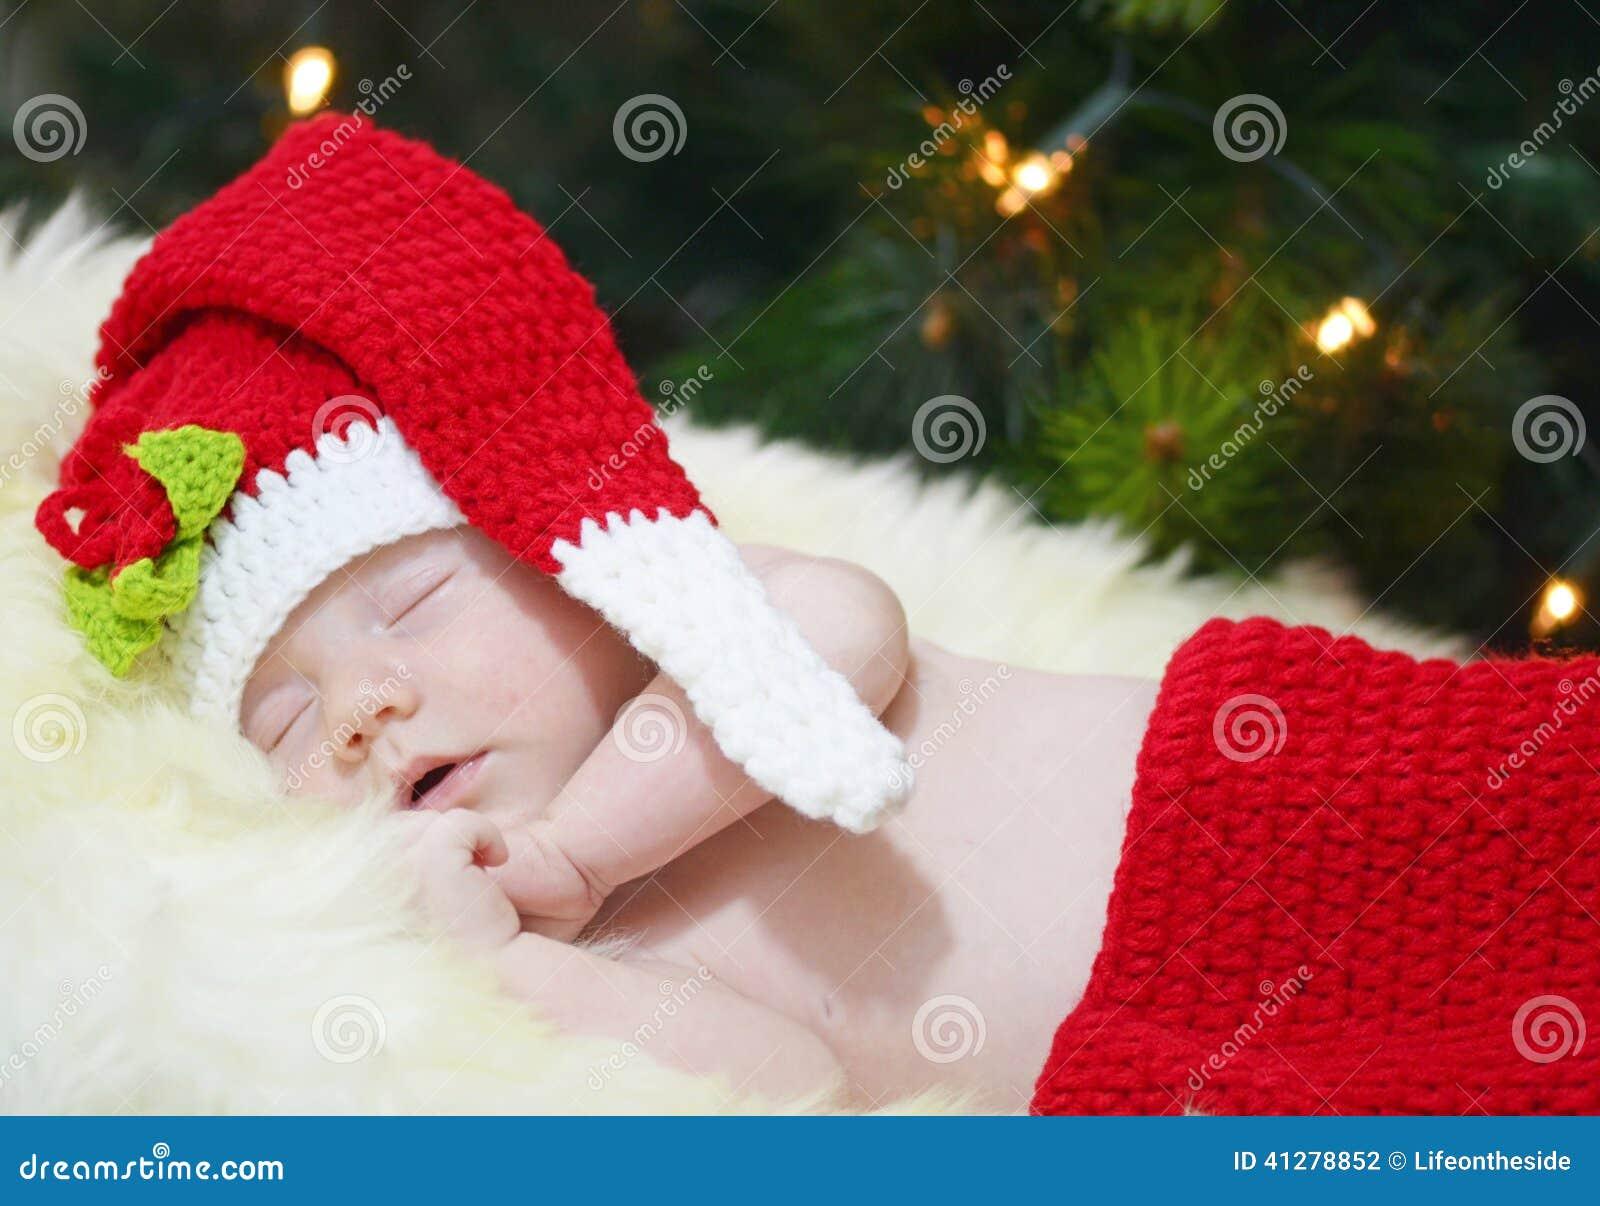 Portrait nouveau-né de bébé dormant dans le costume de knit de Noël sur la couverture blanche de fourrure